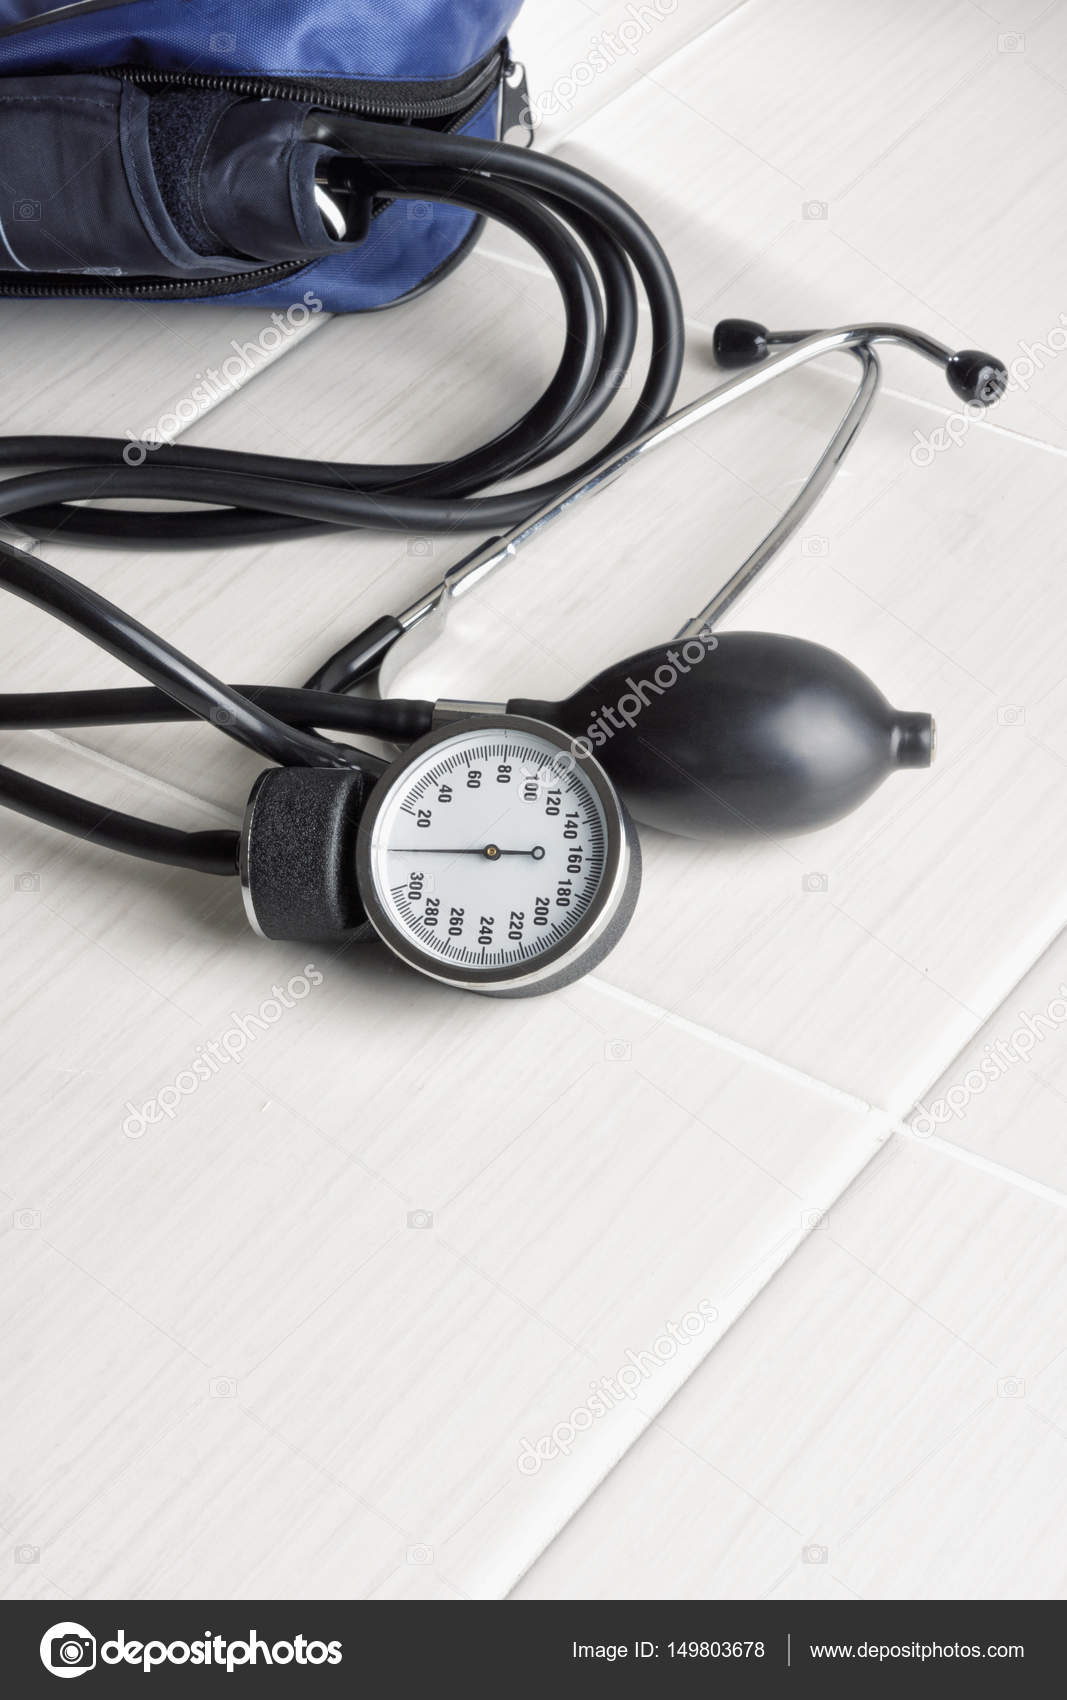 Тонометры артериального давления - 1 controllo della pressione sanguigna